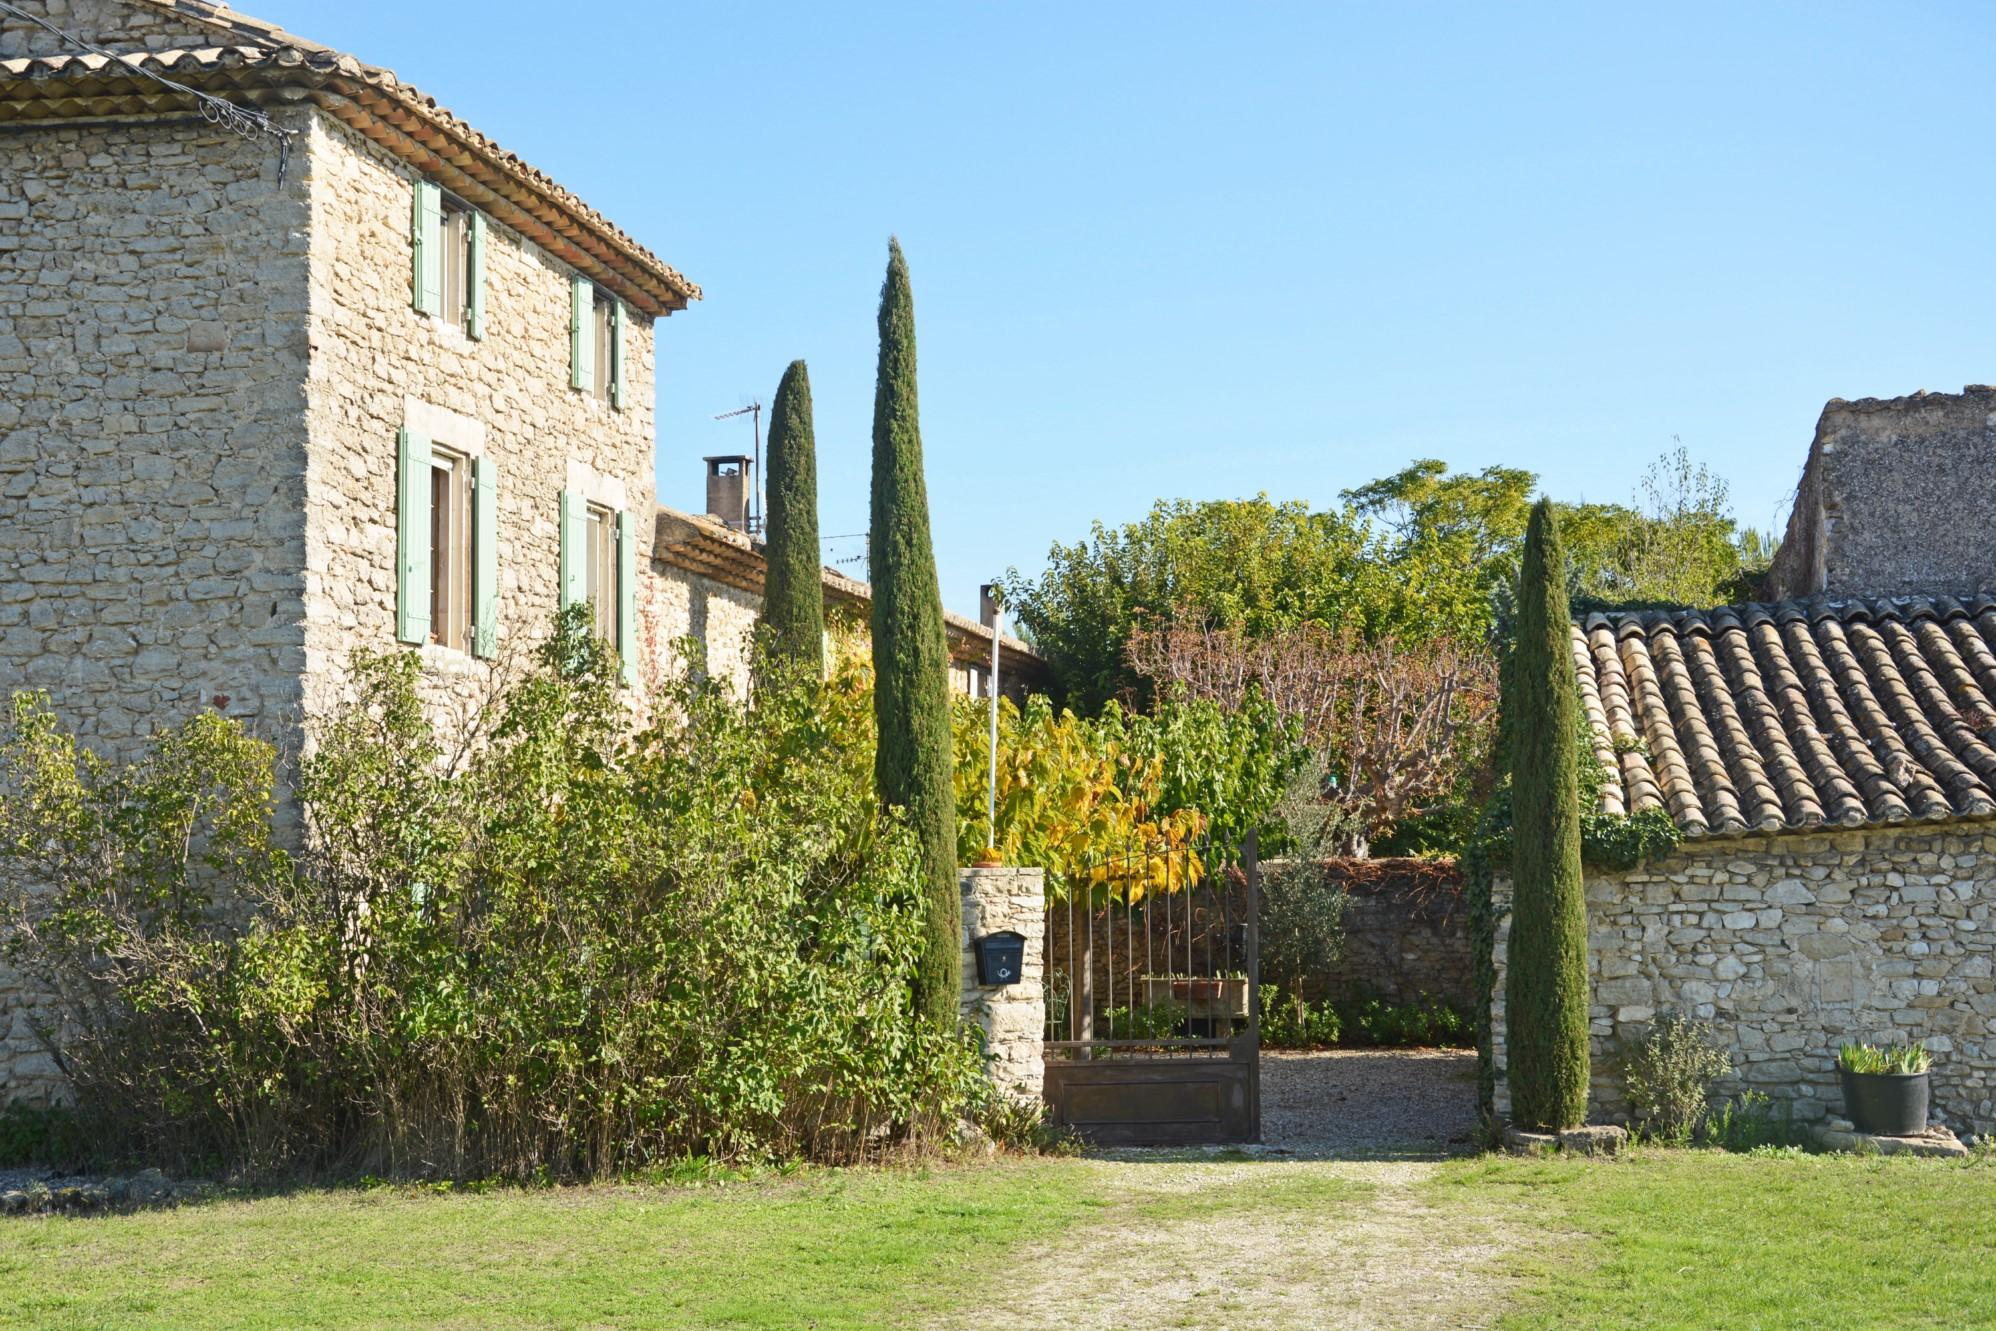 Propriété à vendre avec cours intérieure en Provence